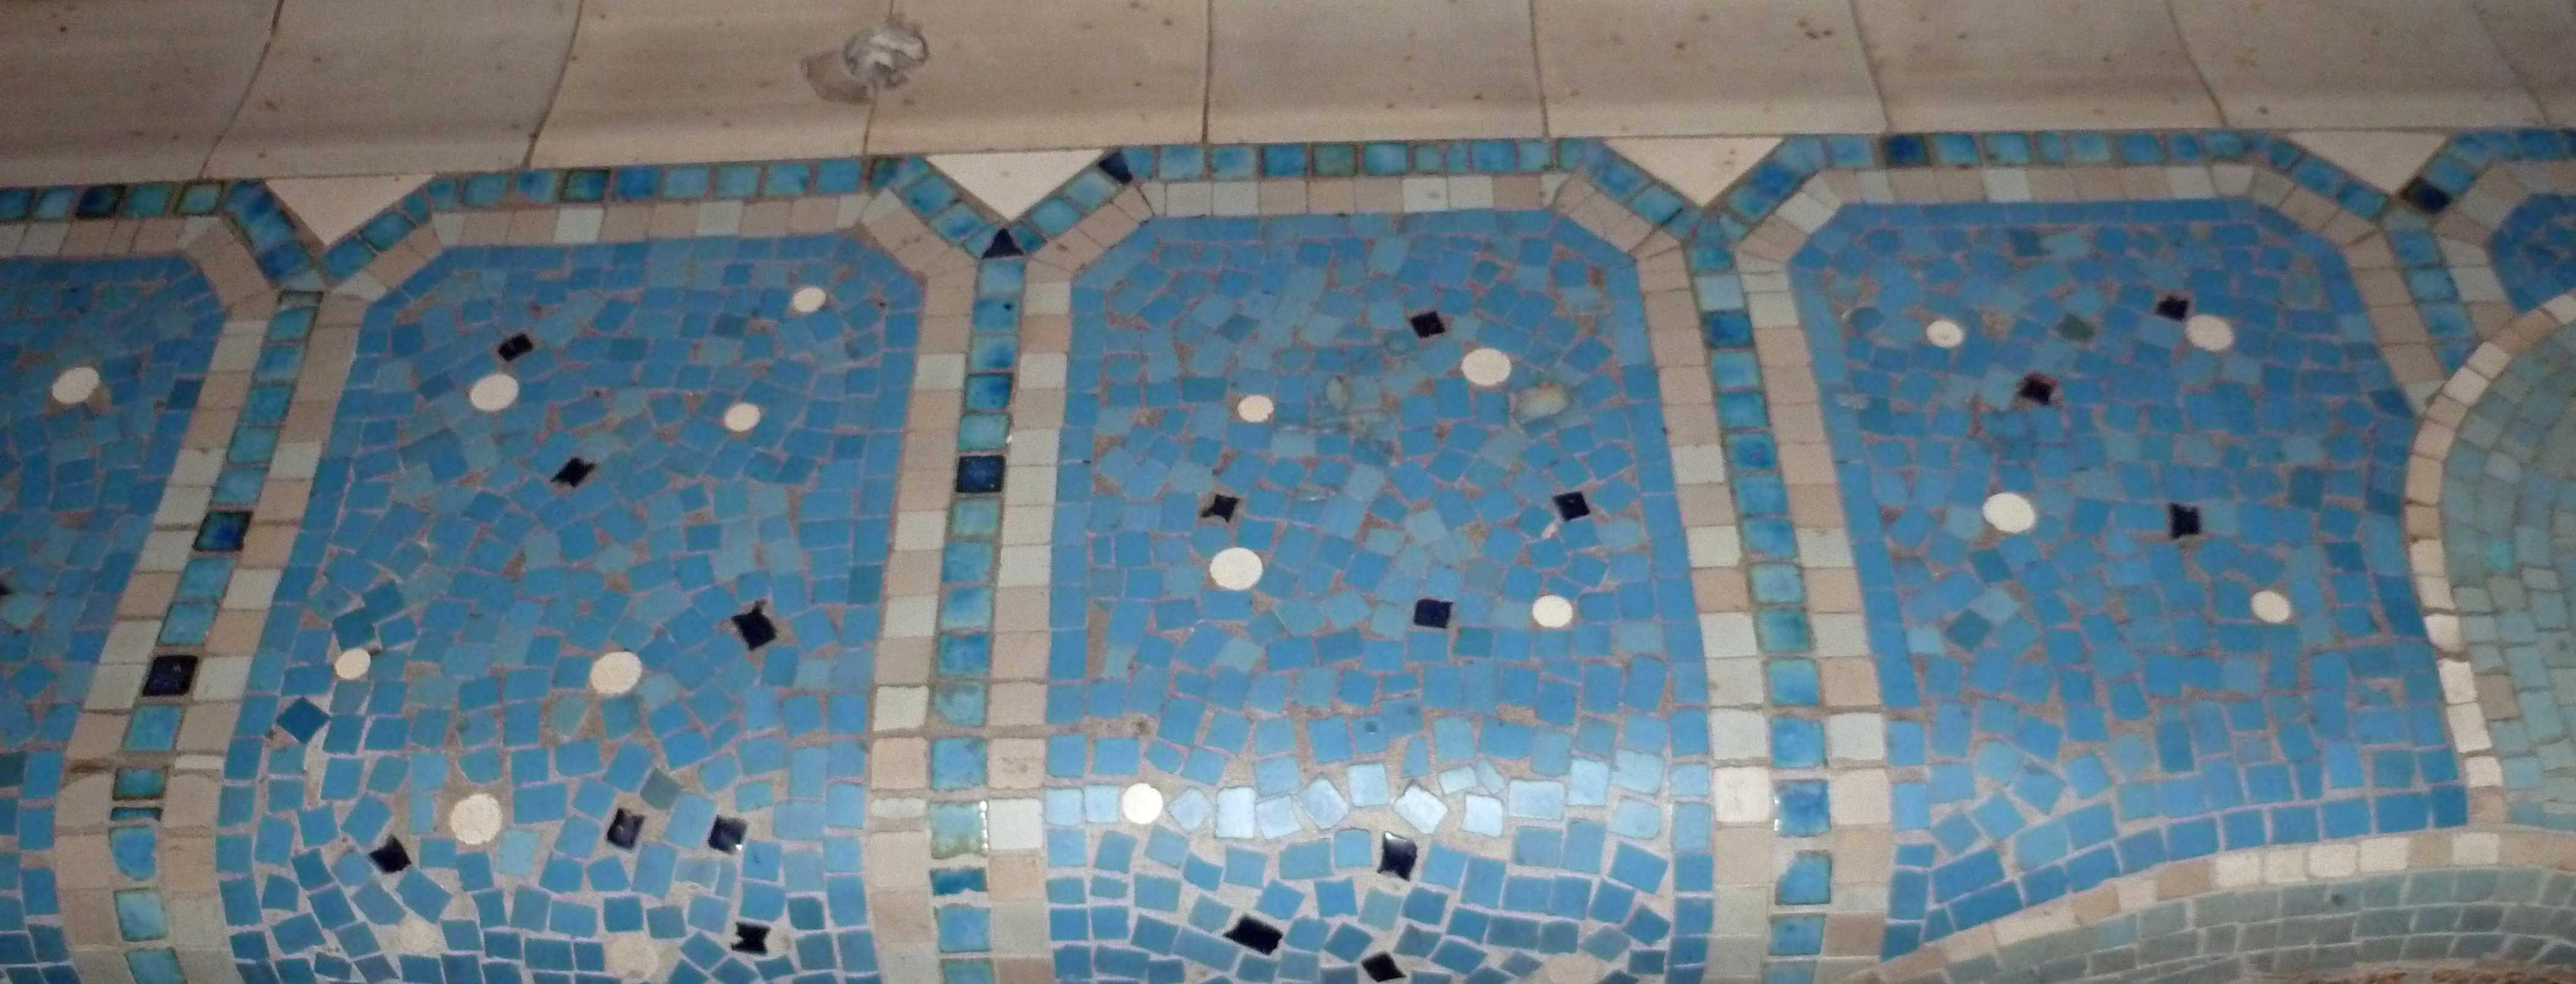 Bains douches la piscine de roubaix for Piscine design mosaique